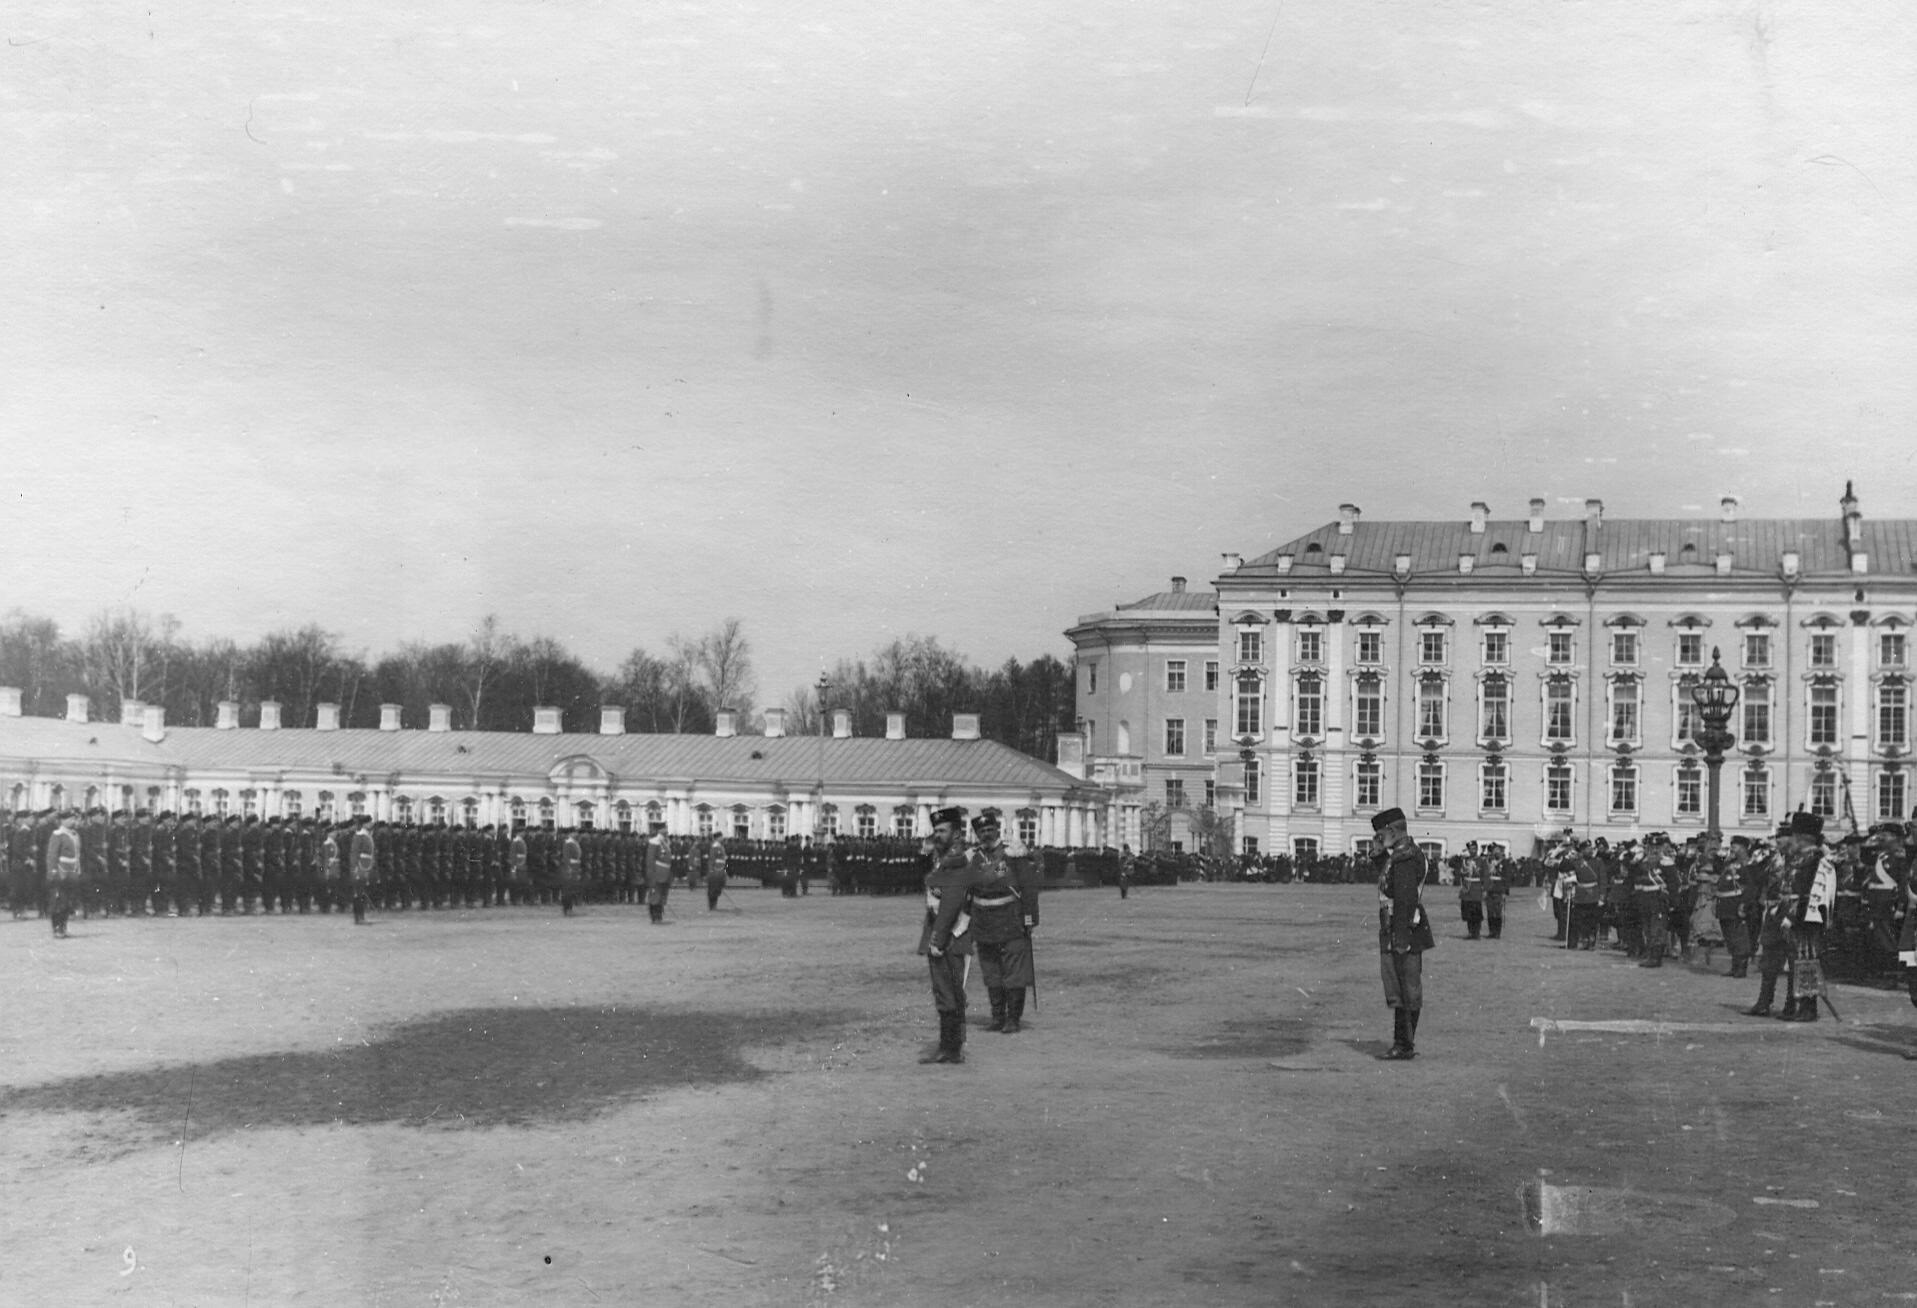 Император Николай II принимает парад 2-го стрелкового Царскосельского батальона. 7 апреля 1903